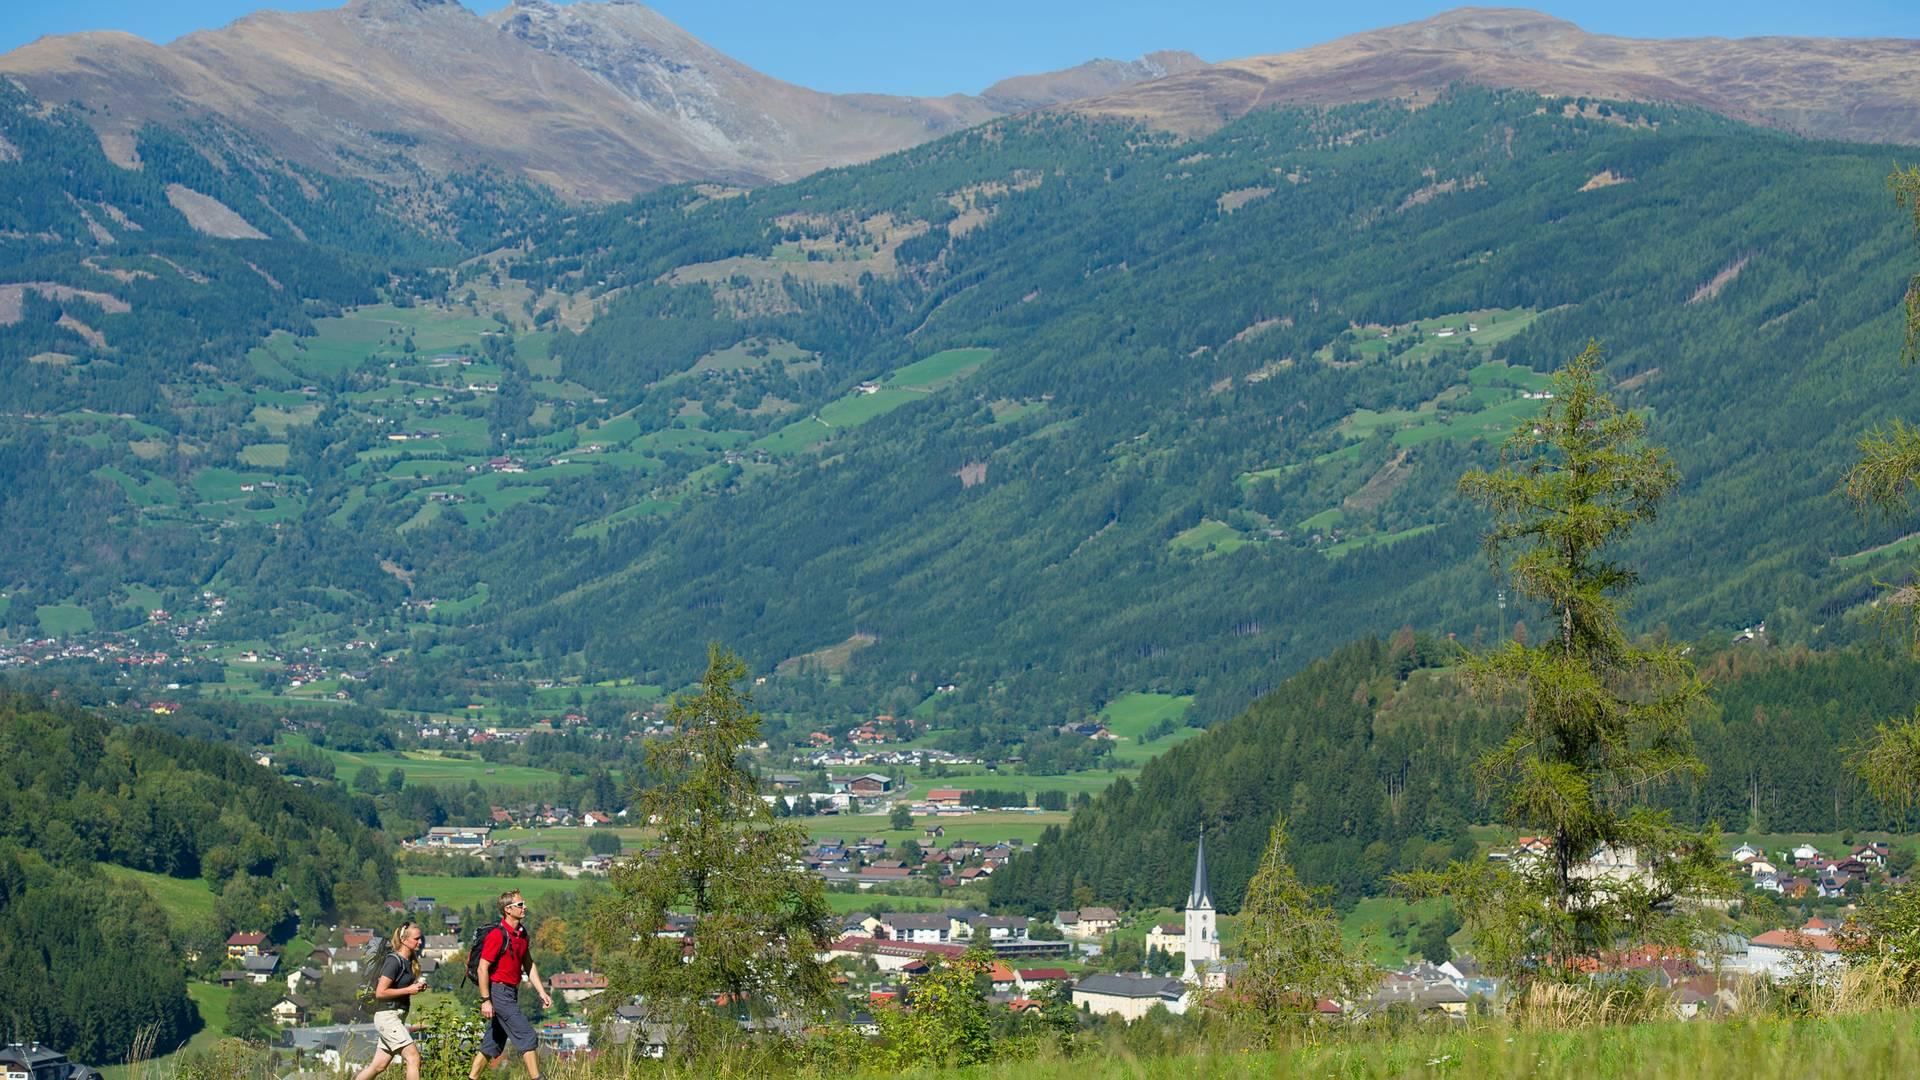 Alpe adria trail kunstlerstadt gmund original